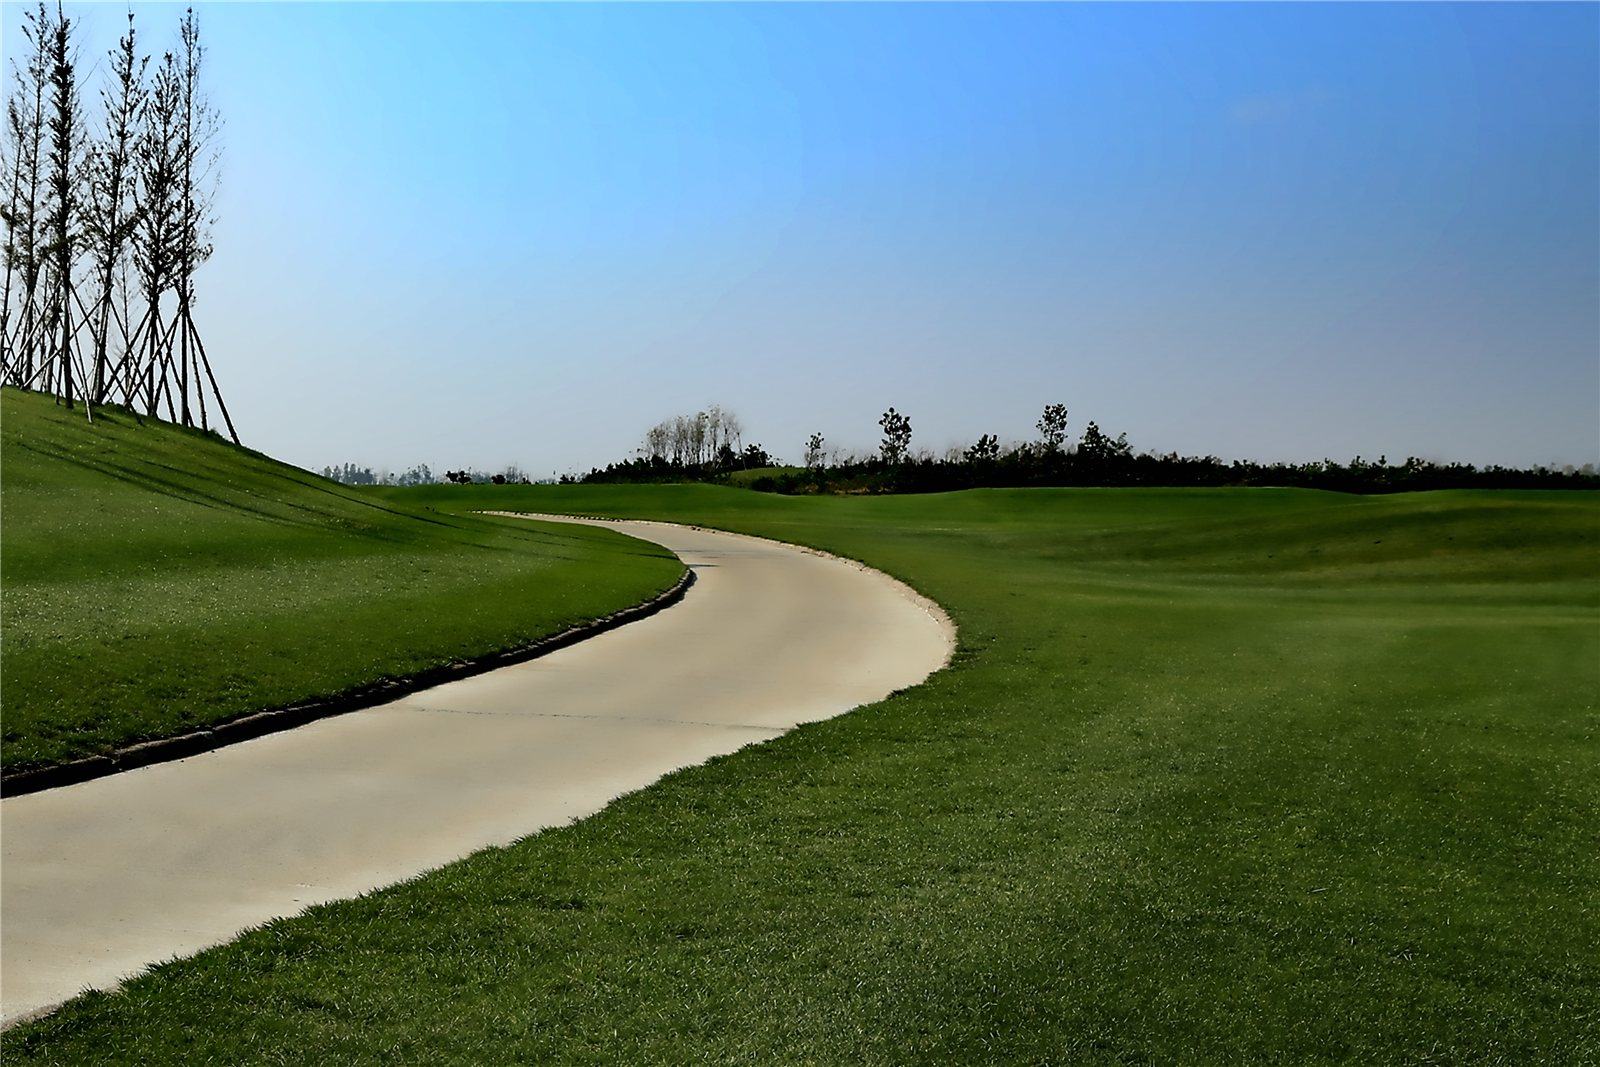 威海南海新区的高尔夫球场